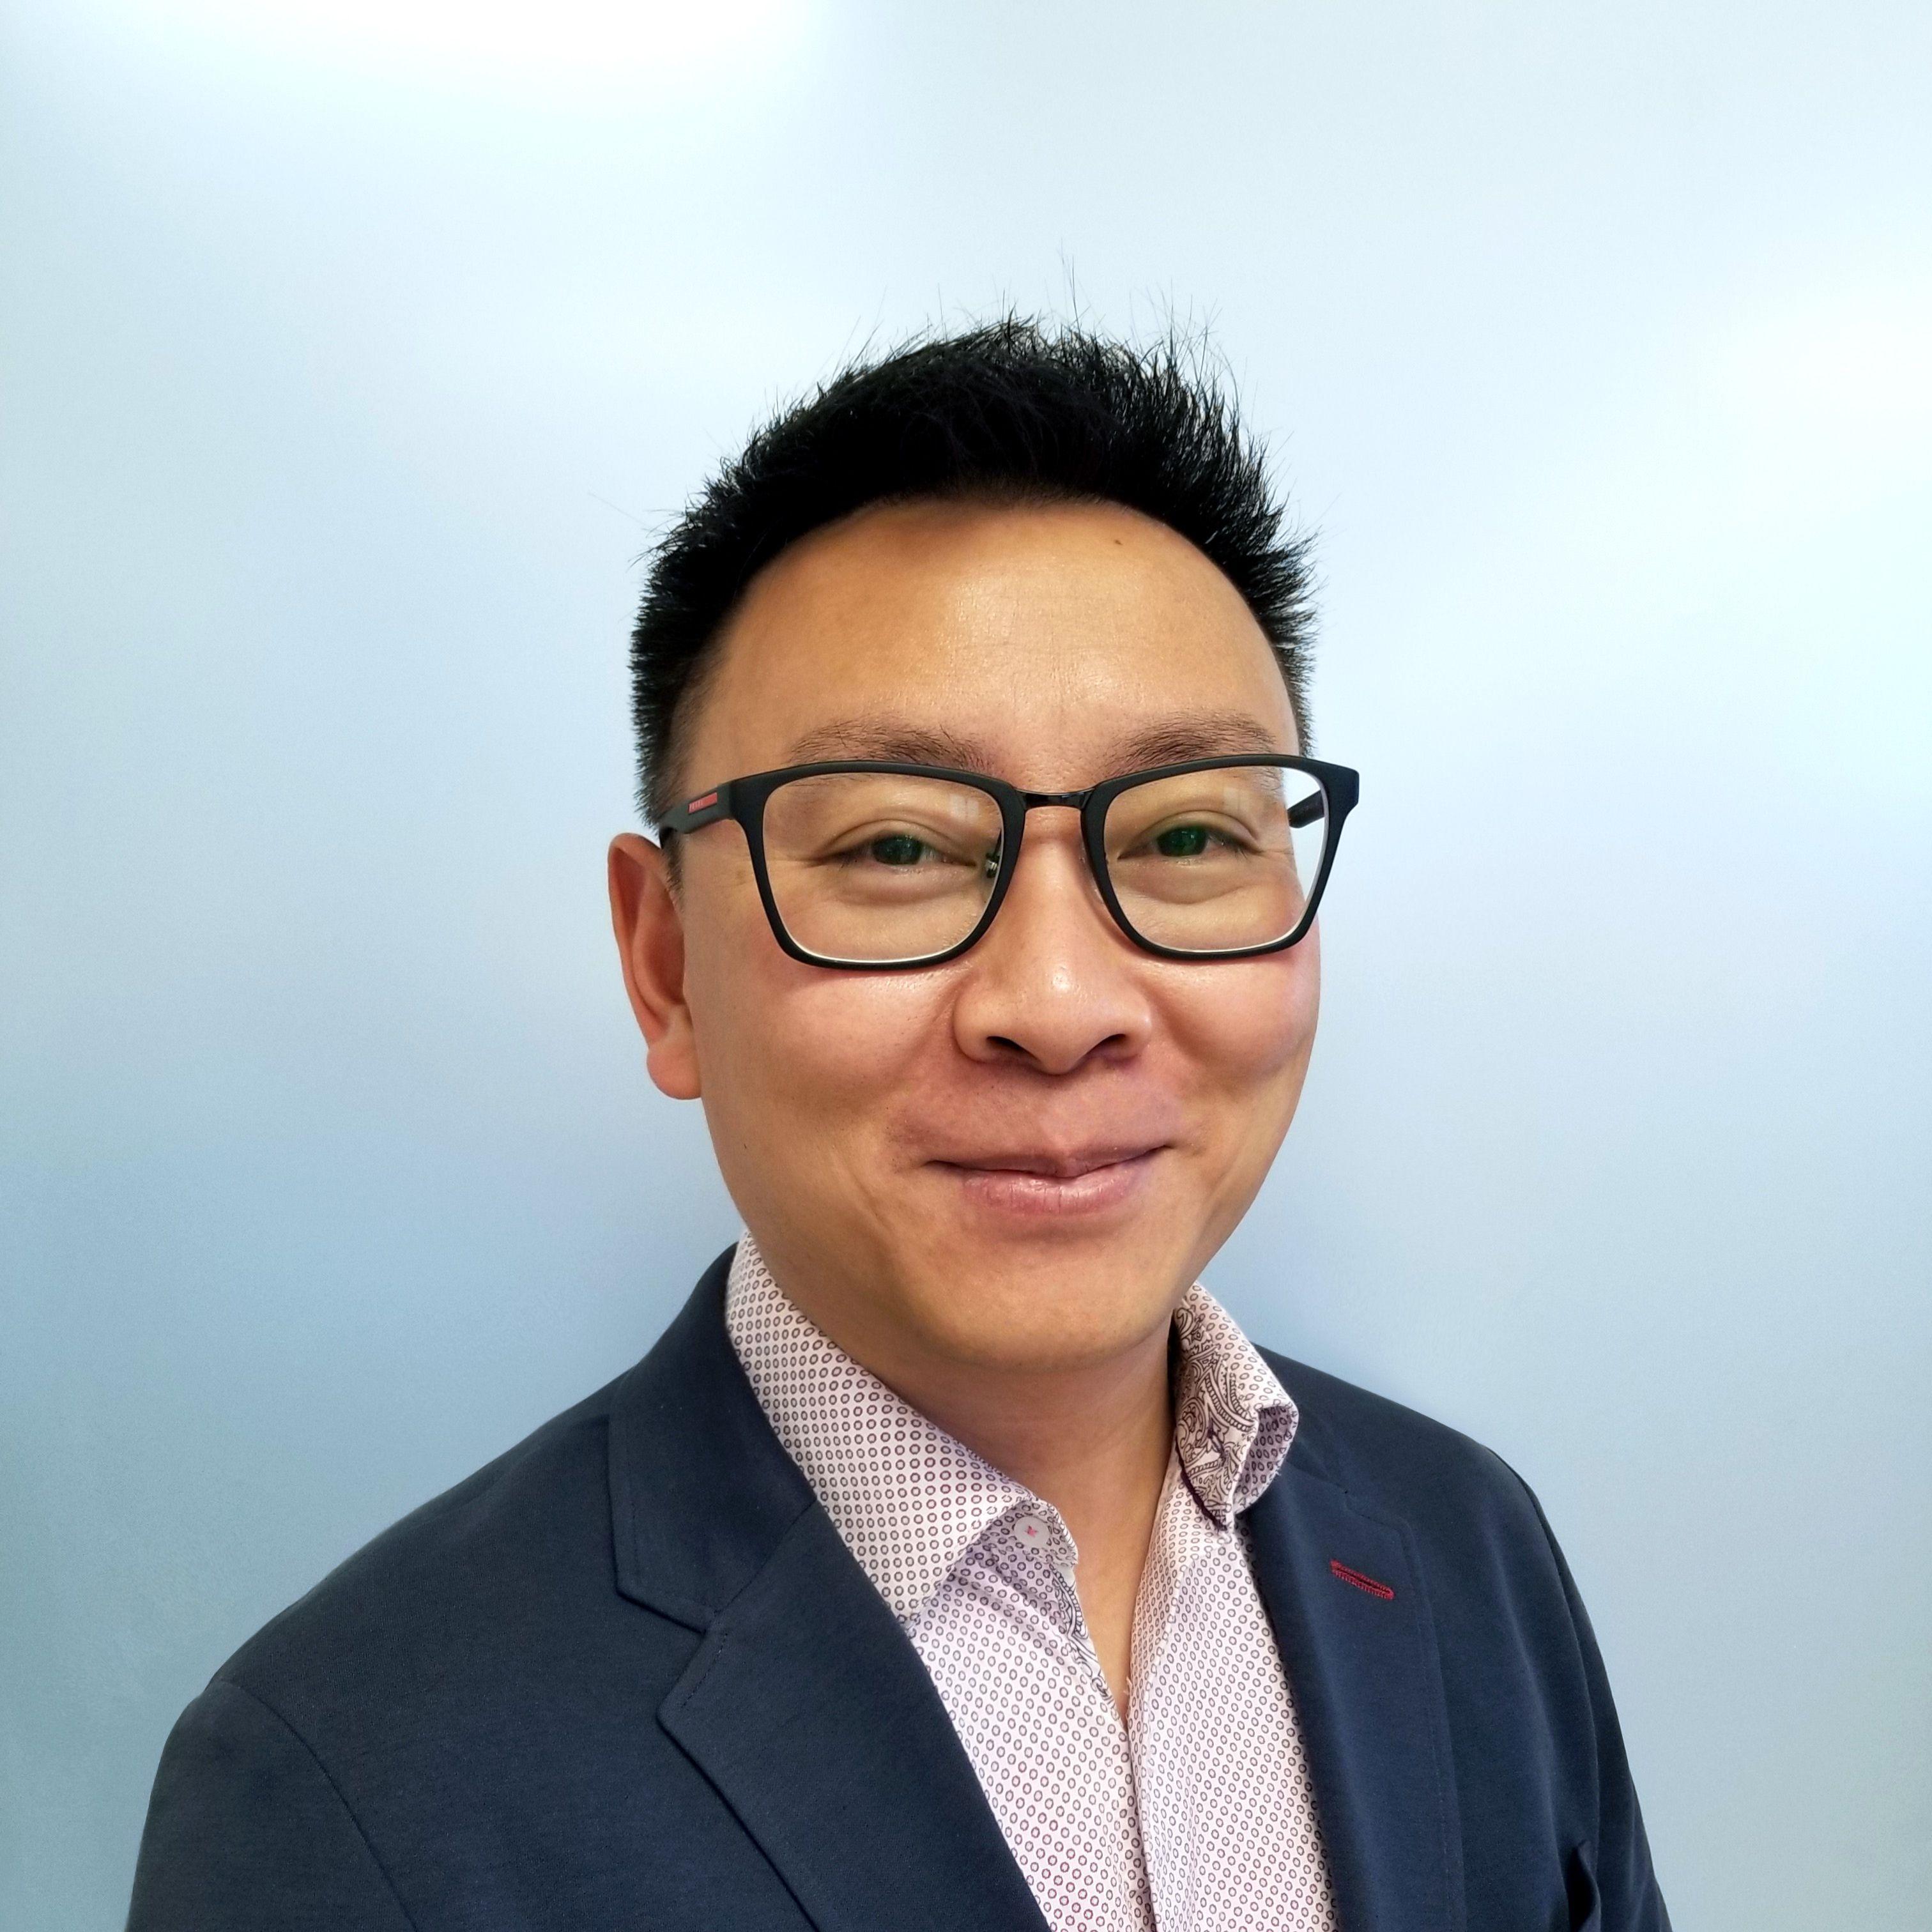 Chueh Chen Chiu